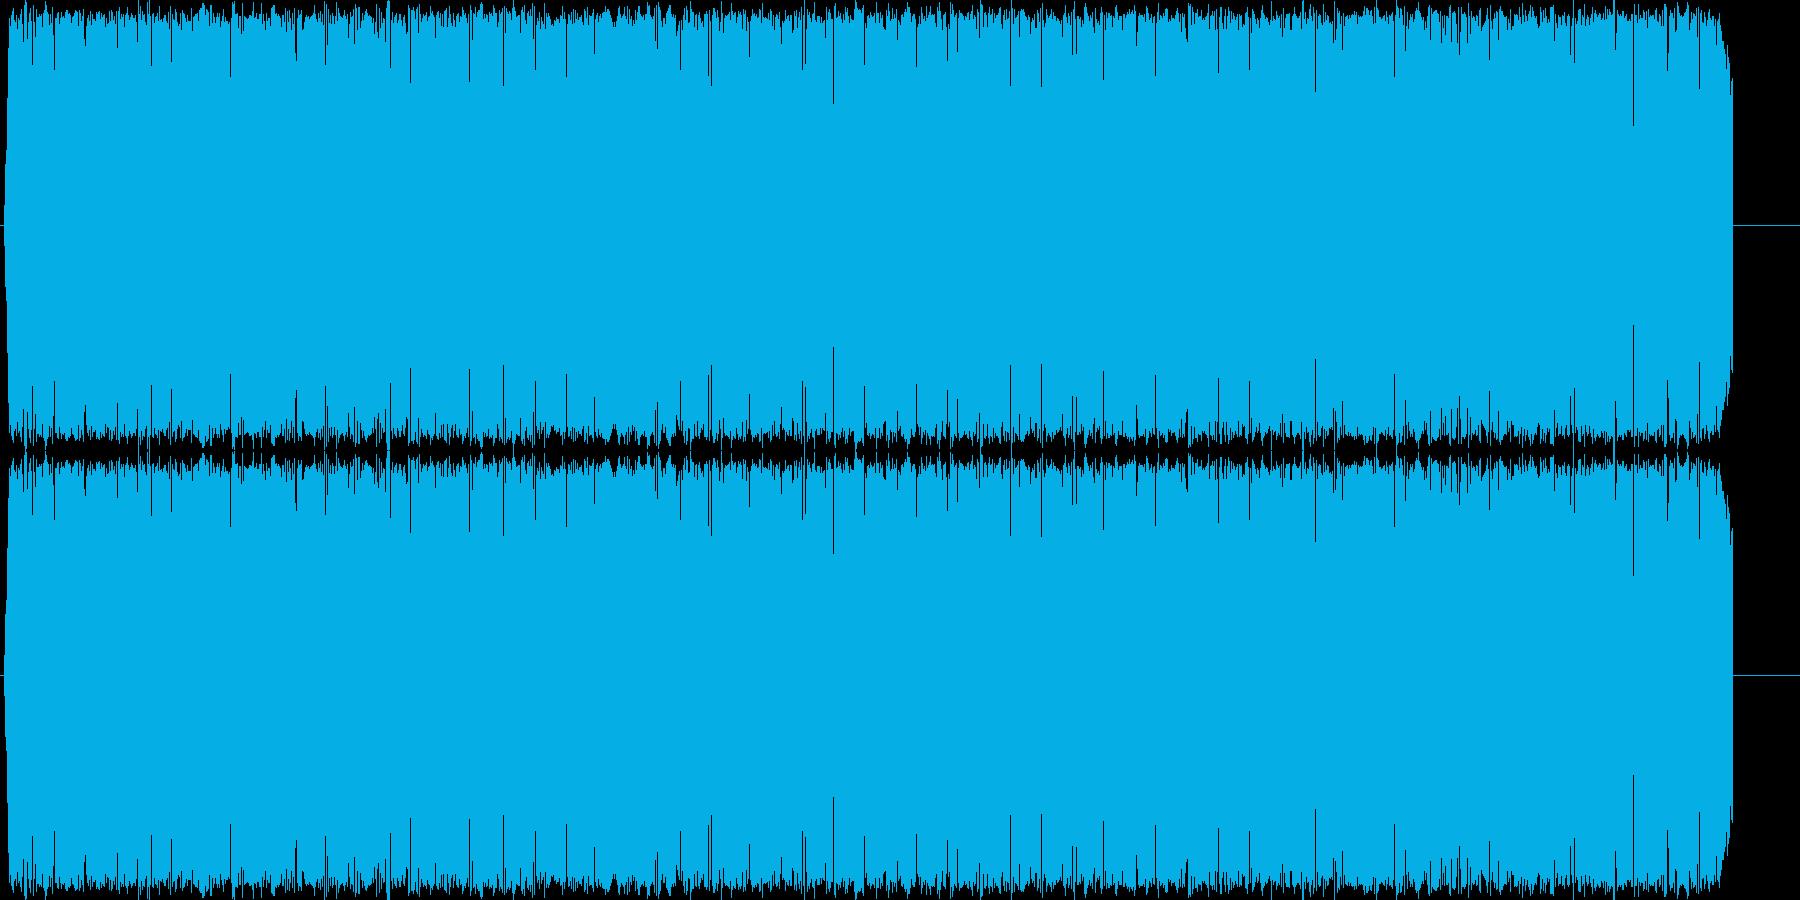 ピー音、レーザー、ビームの再生済みの波形